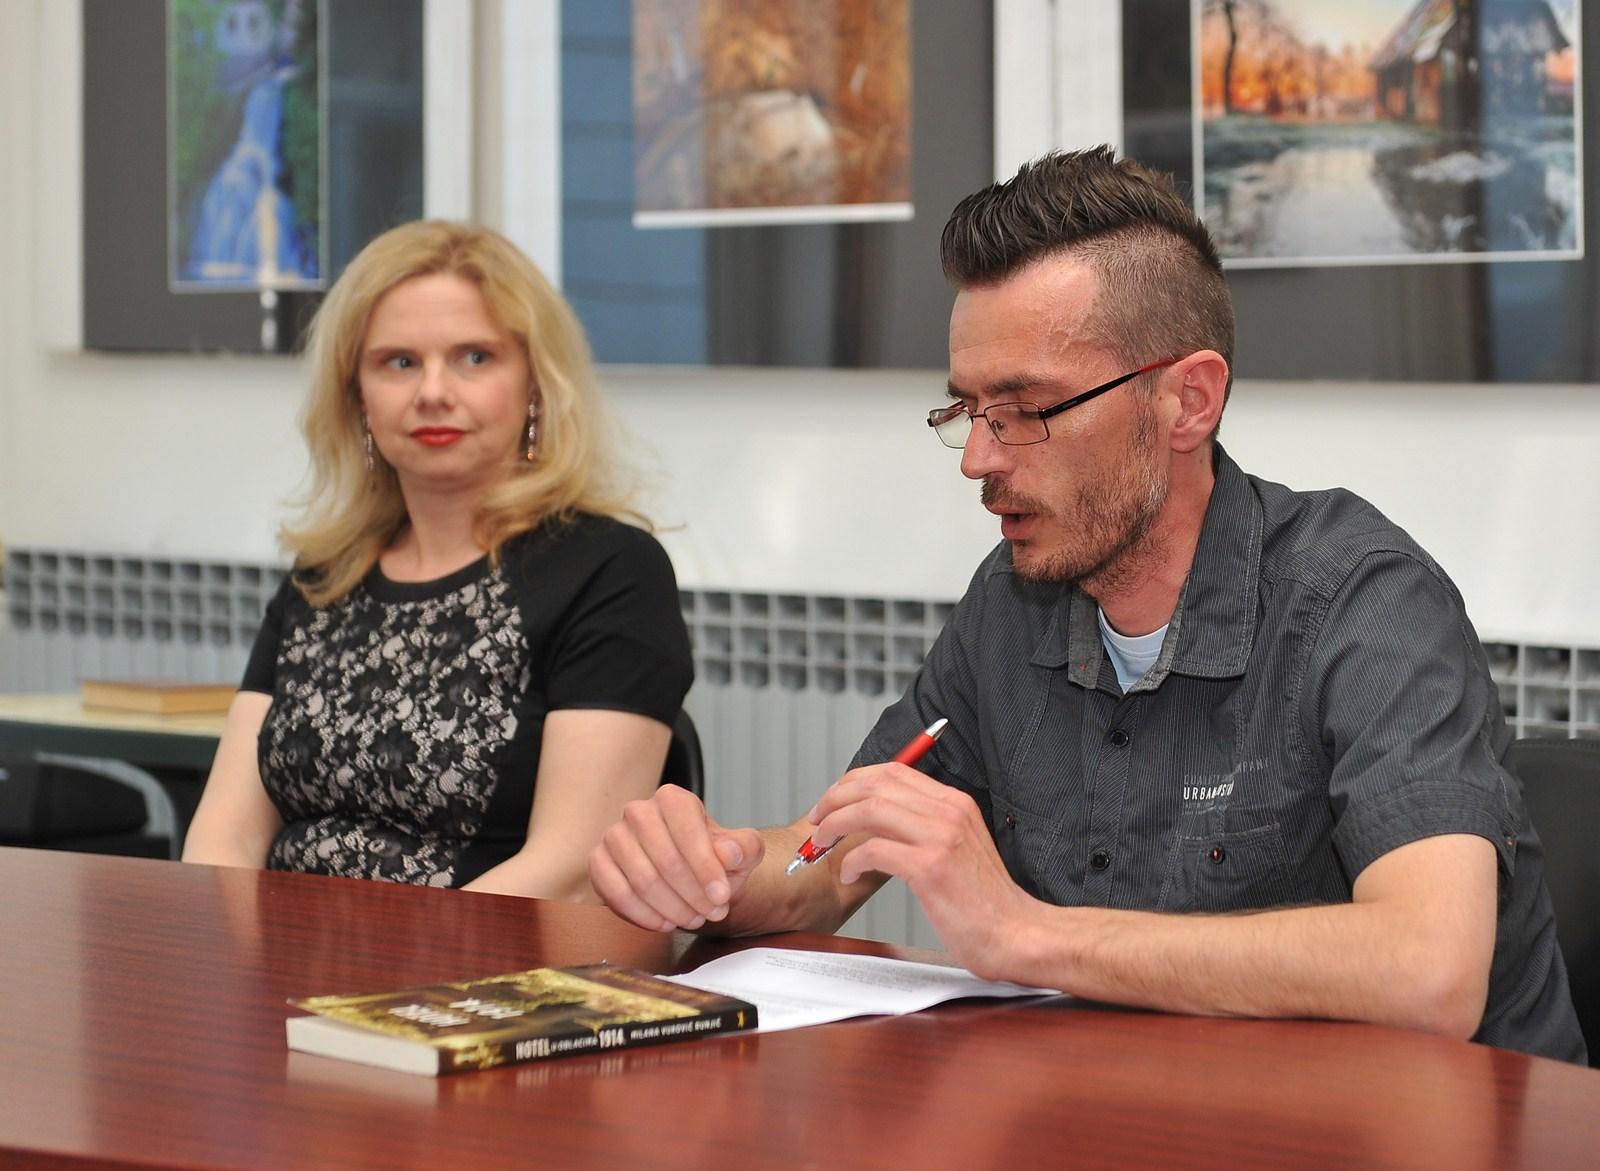 Milana Vuković Runjić i Marinko Polović, djelatnik Knjižnice za mlade. Foto: Igor Čepurkovski